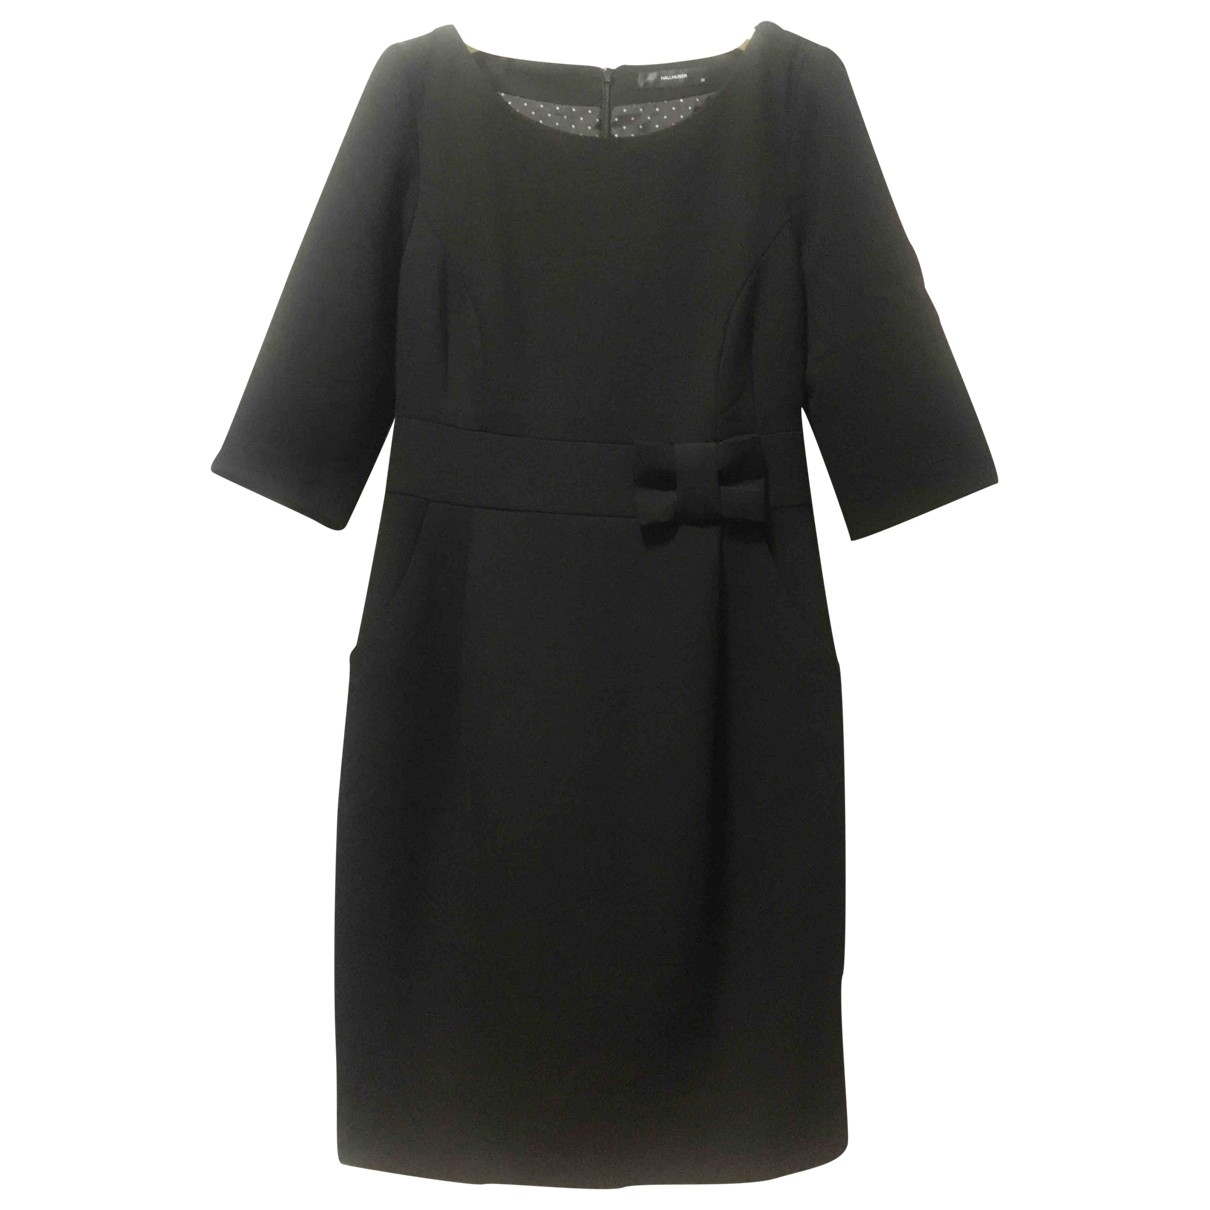 Hallhuber \N Kleid in  Schwarz Polyester